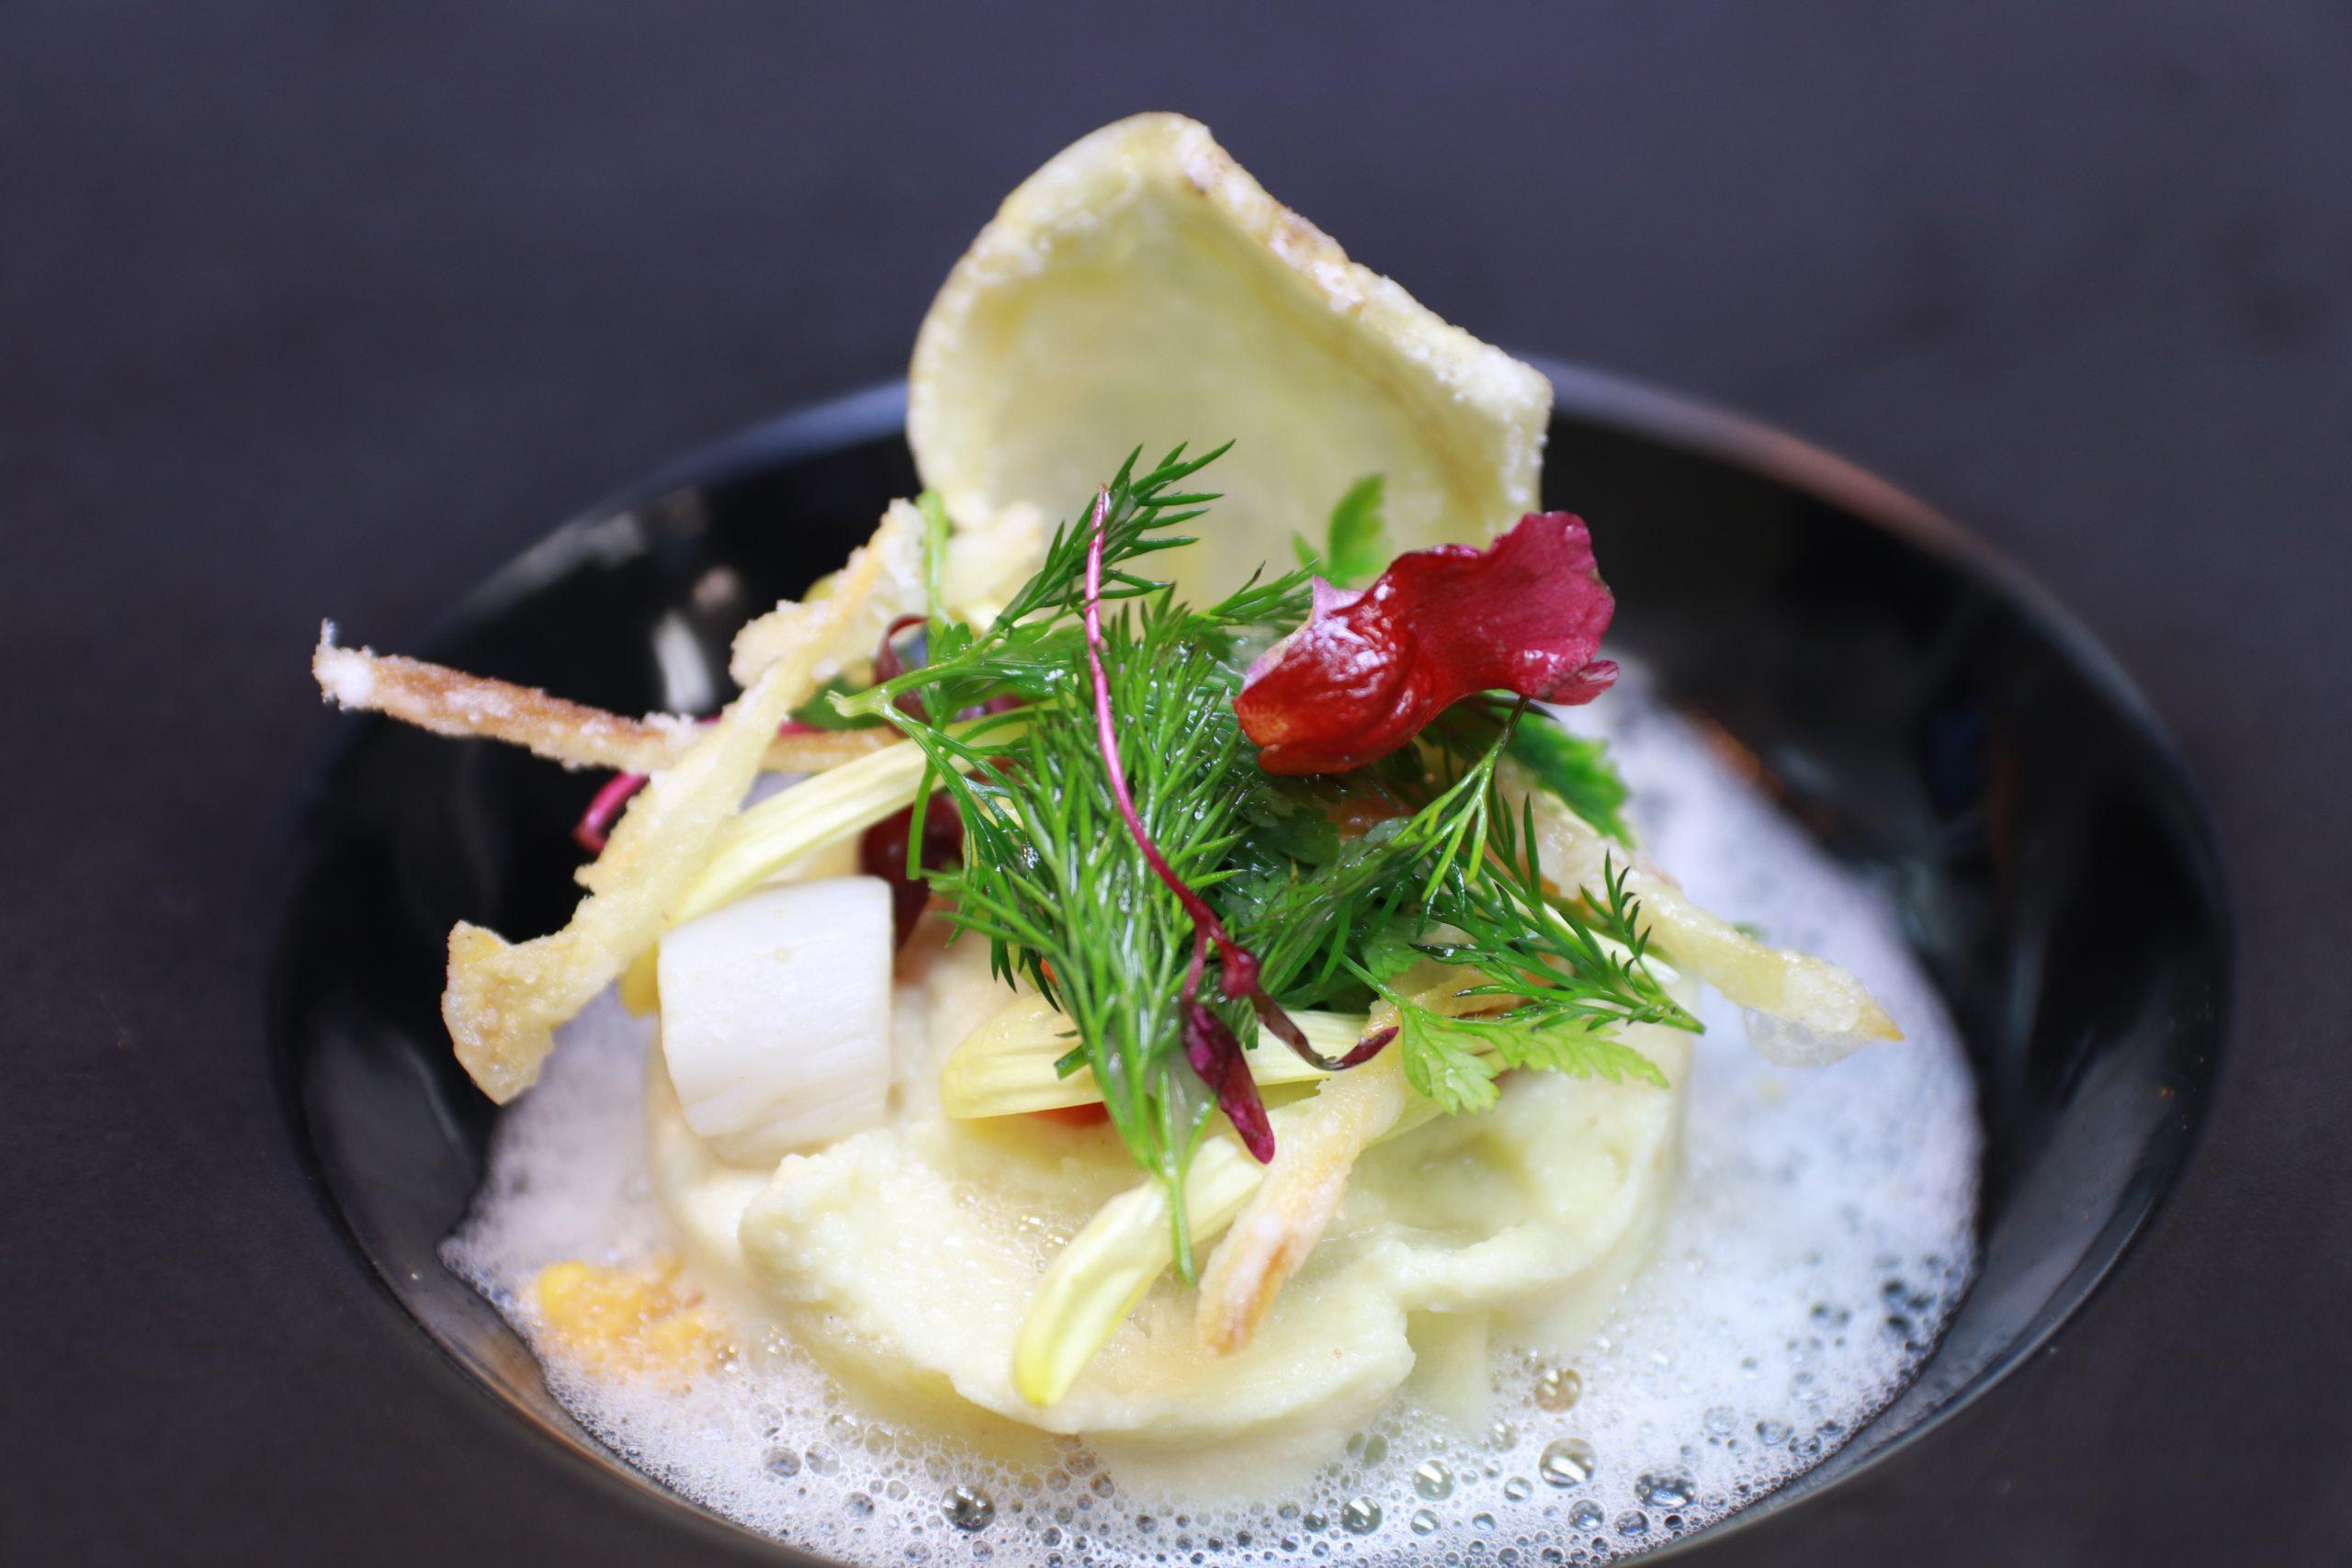 茅野市産セロリラブのセルクル コキヤージュの軽い泡ソース